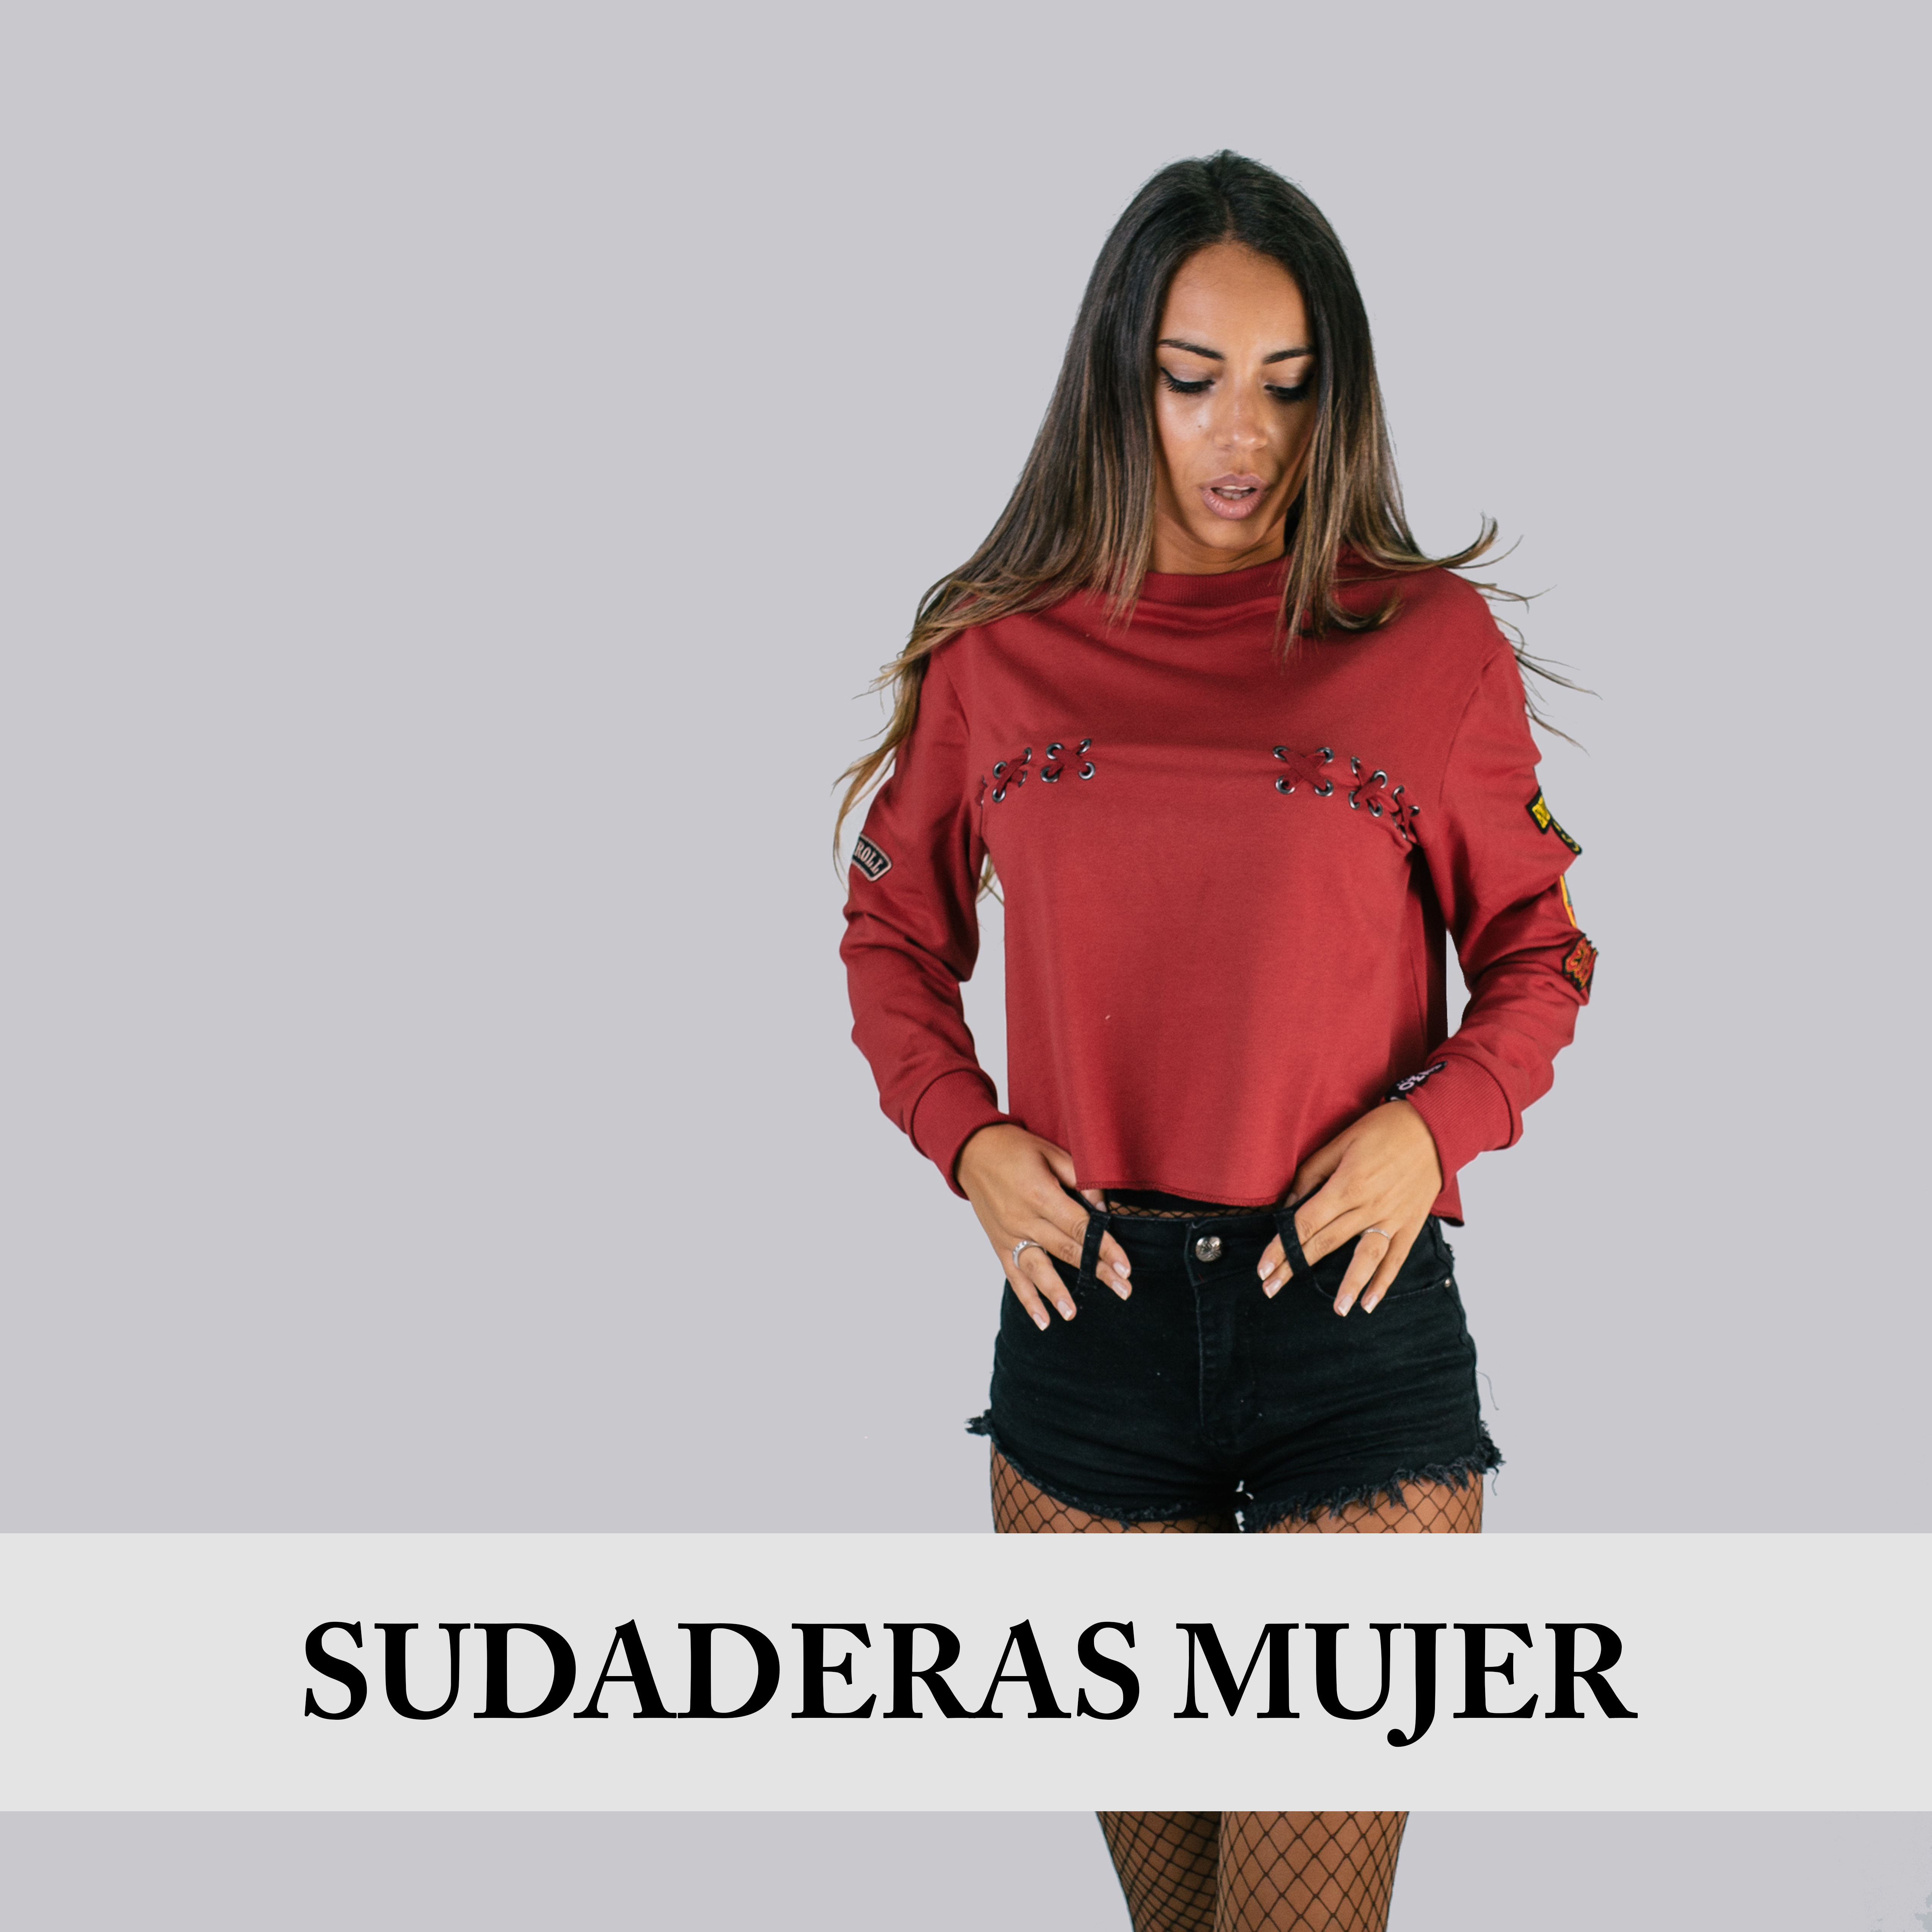 SUDADERAS MUJER